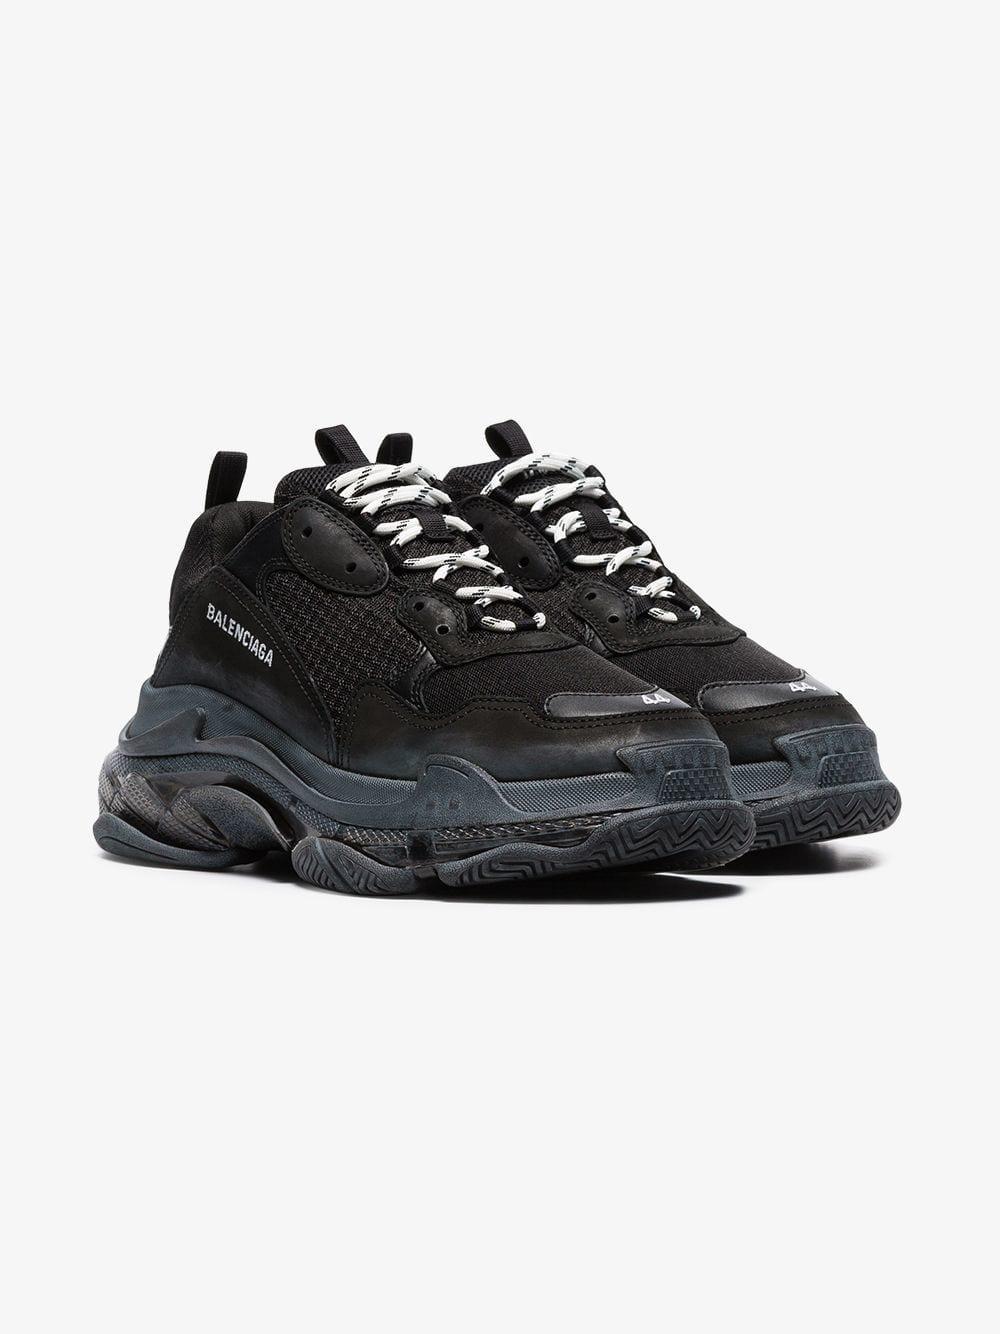 585a246da4b32 Balenciaga - Black Triple S Clear Sole Sneakers for Men - Lyst. View  fullscreen